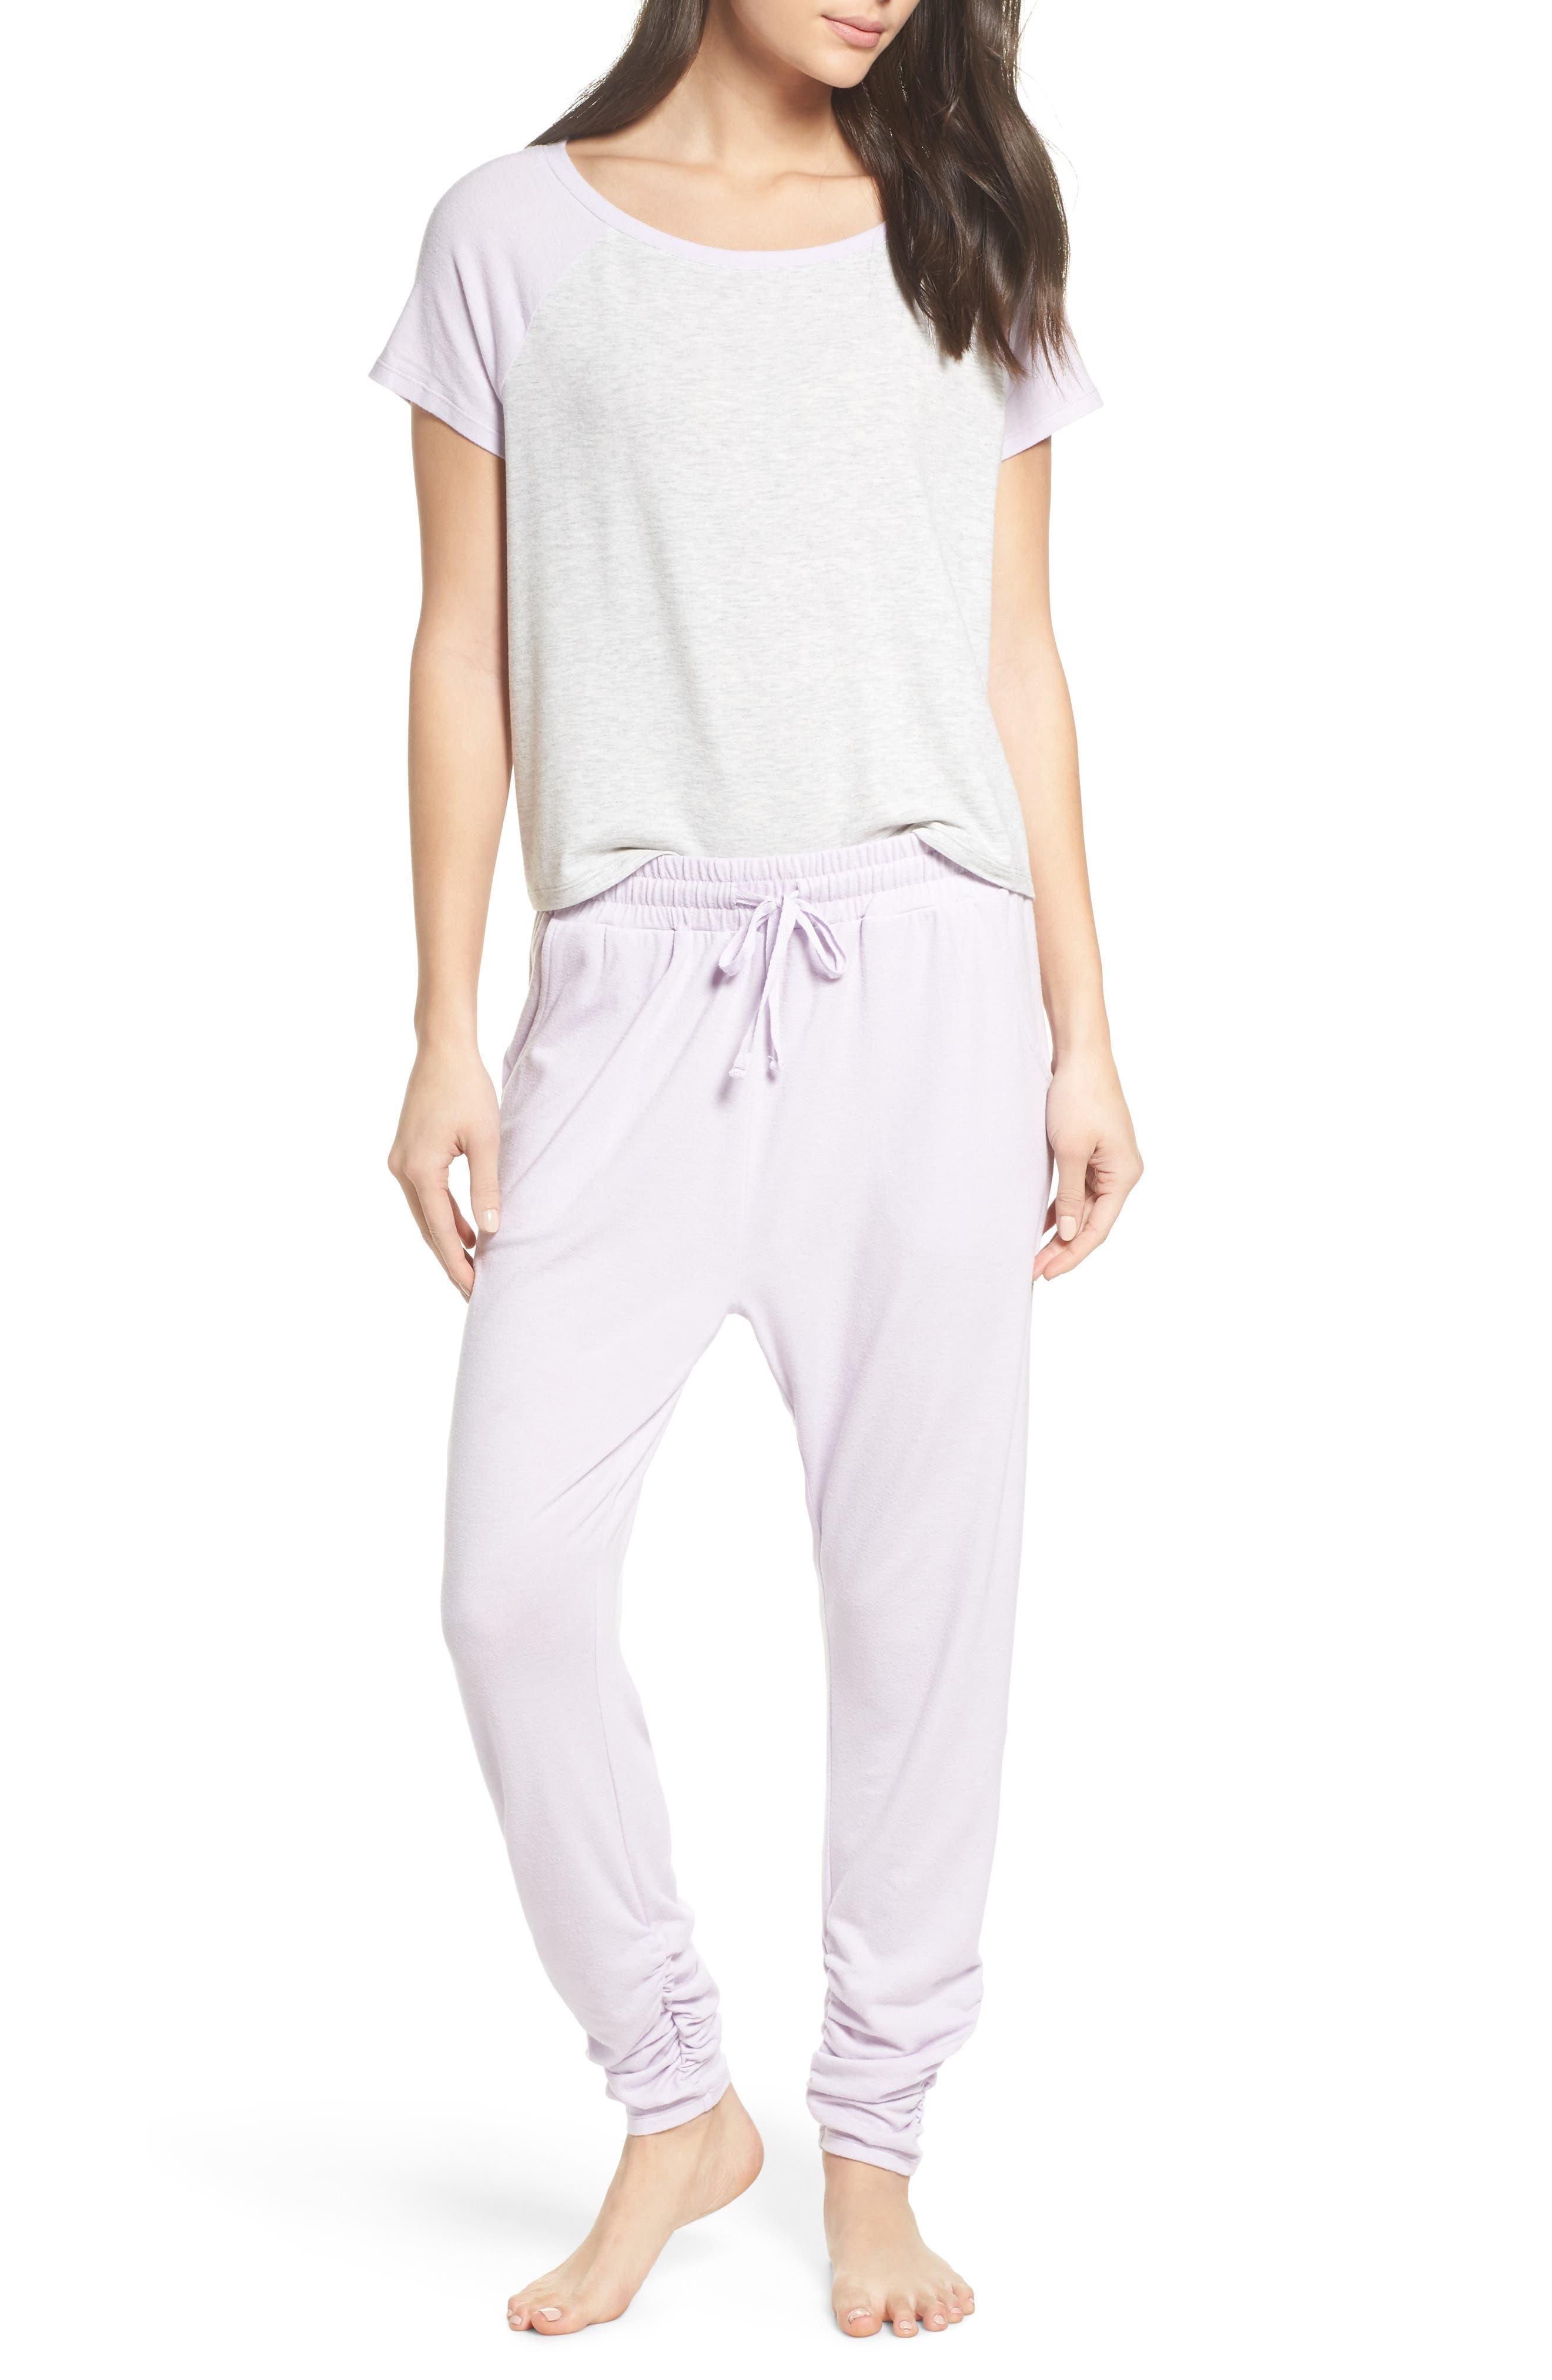 Cloud 9 Pajamas,                             Main thumbnail 1, color,                             050